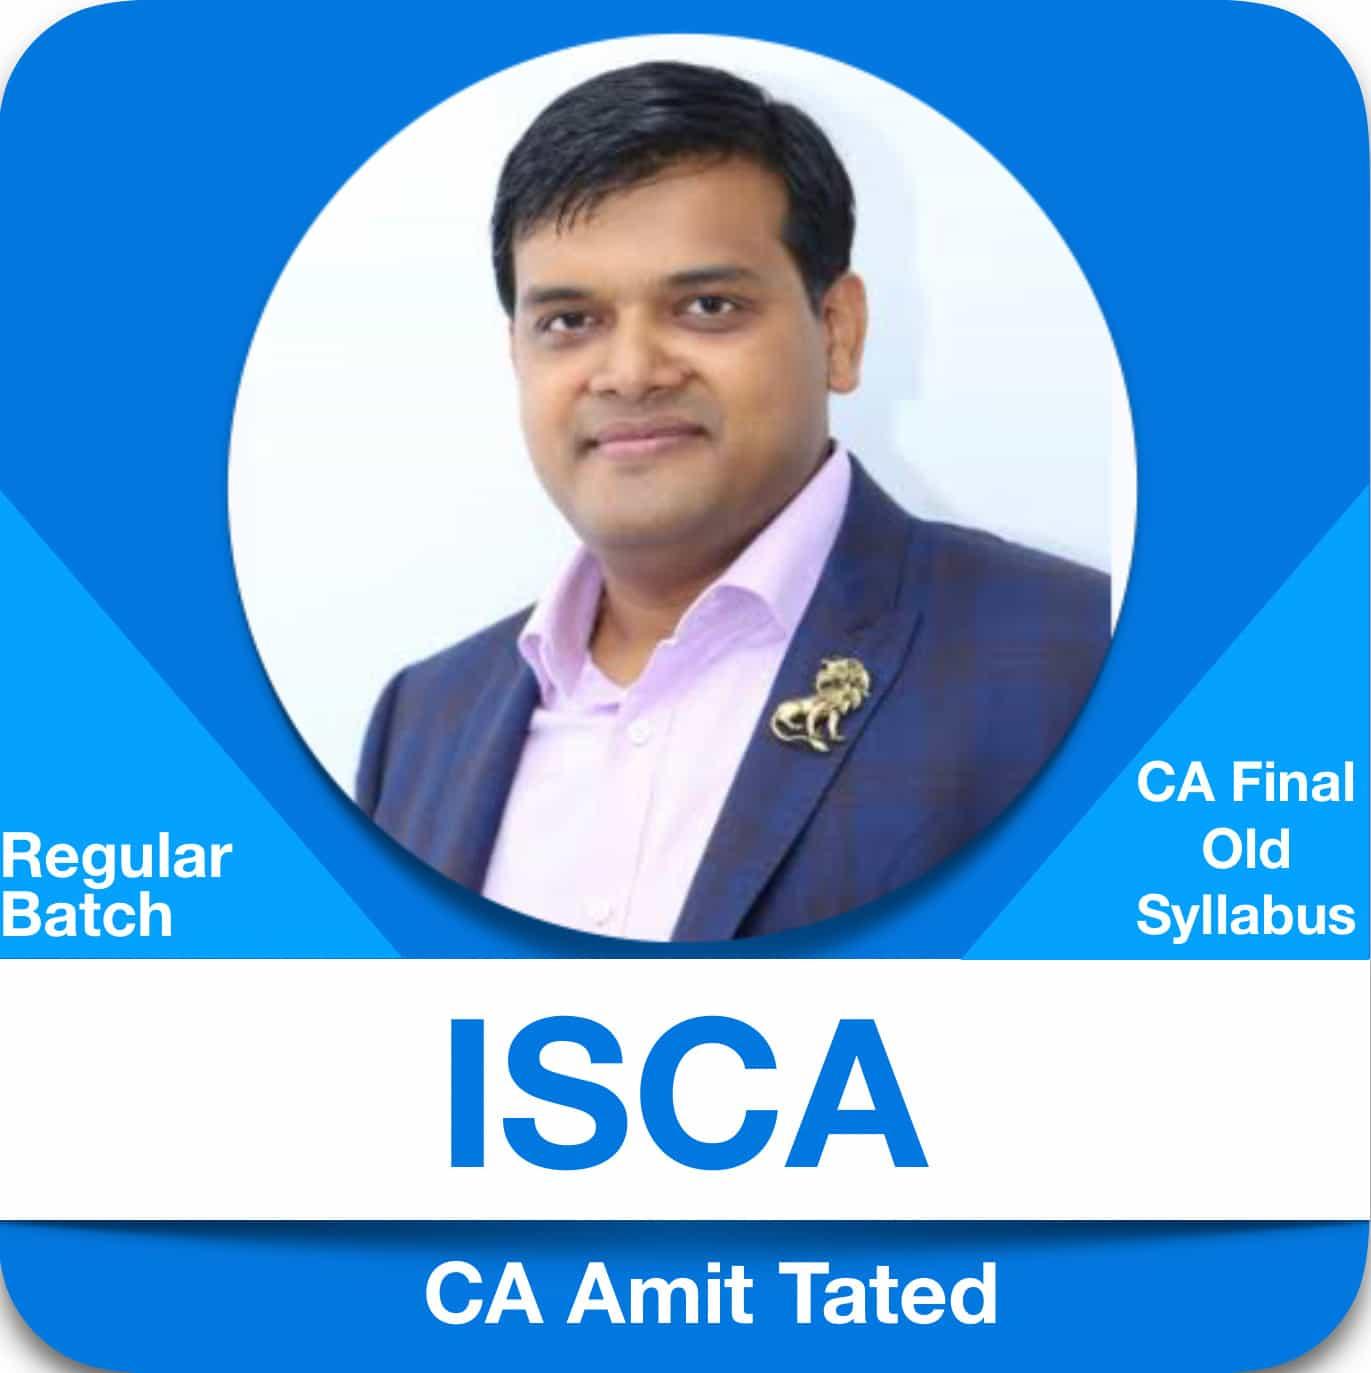 ISCA Regular Batch